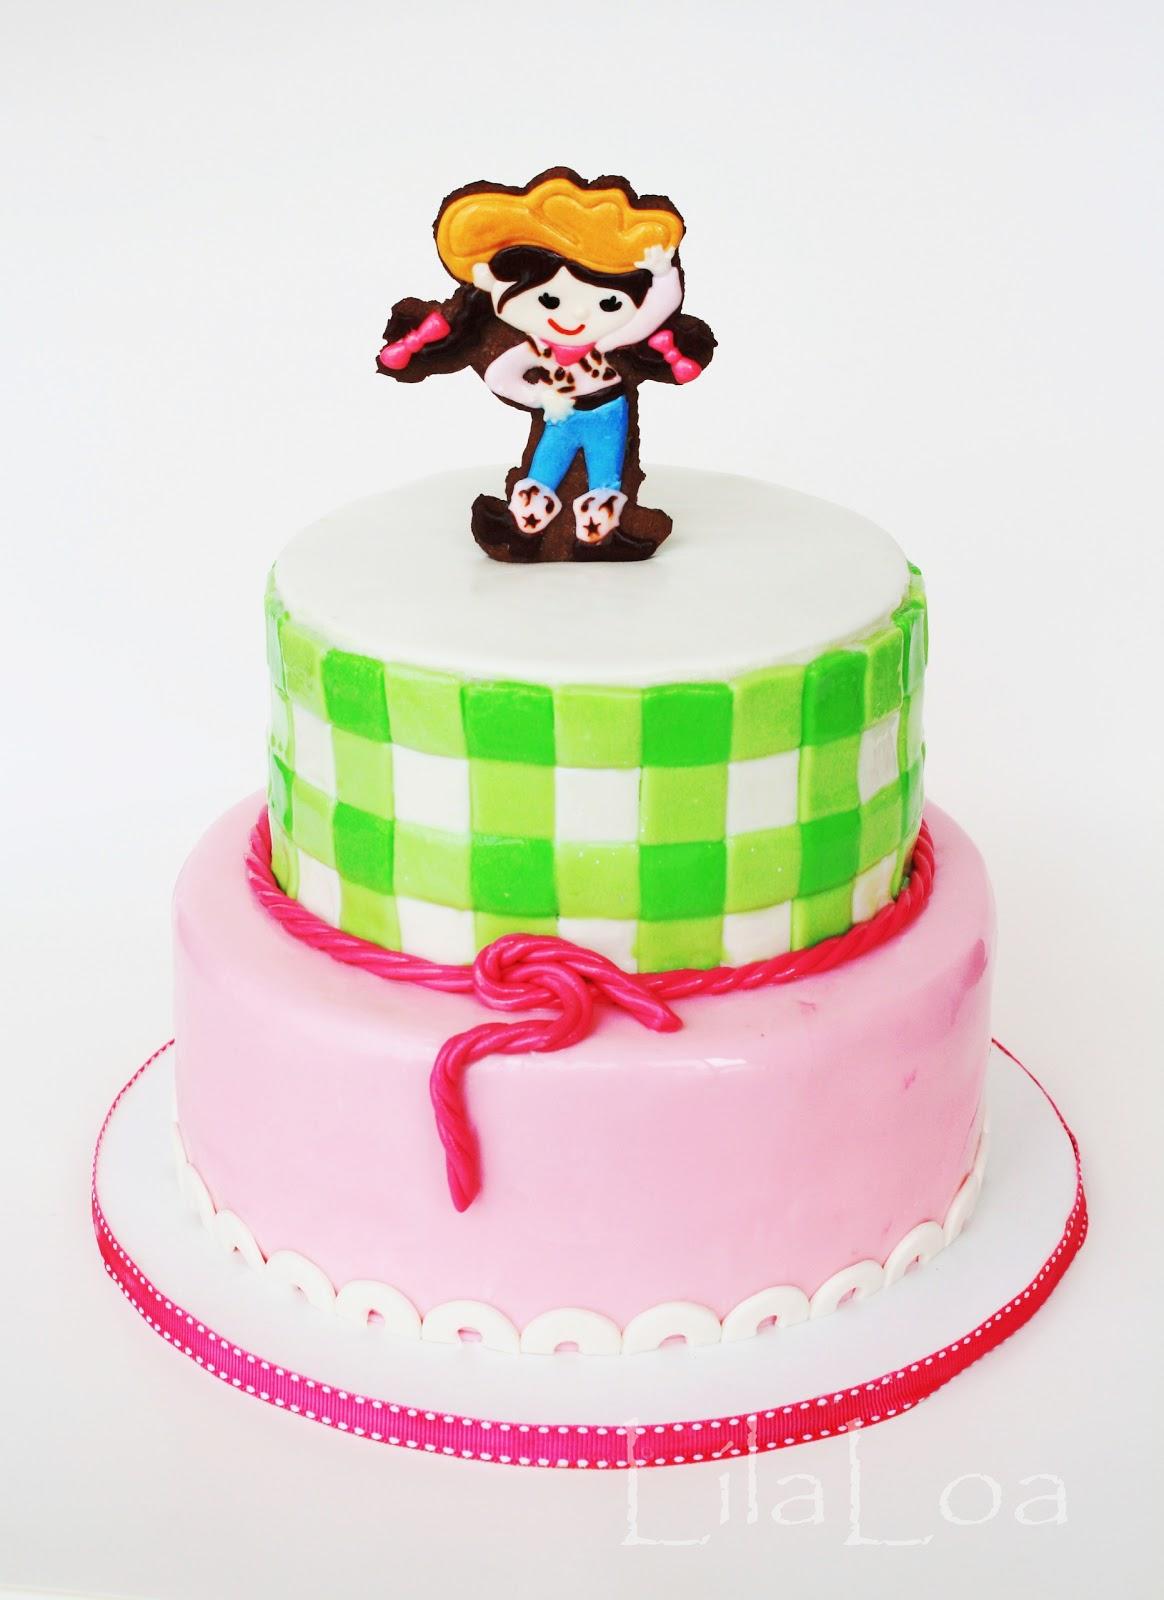 happy birthday cake photo gallery 2 on happy birthday cake photo gallery